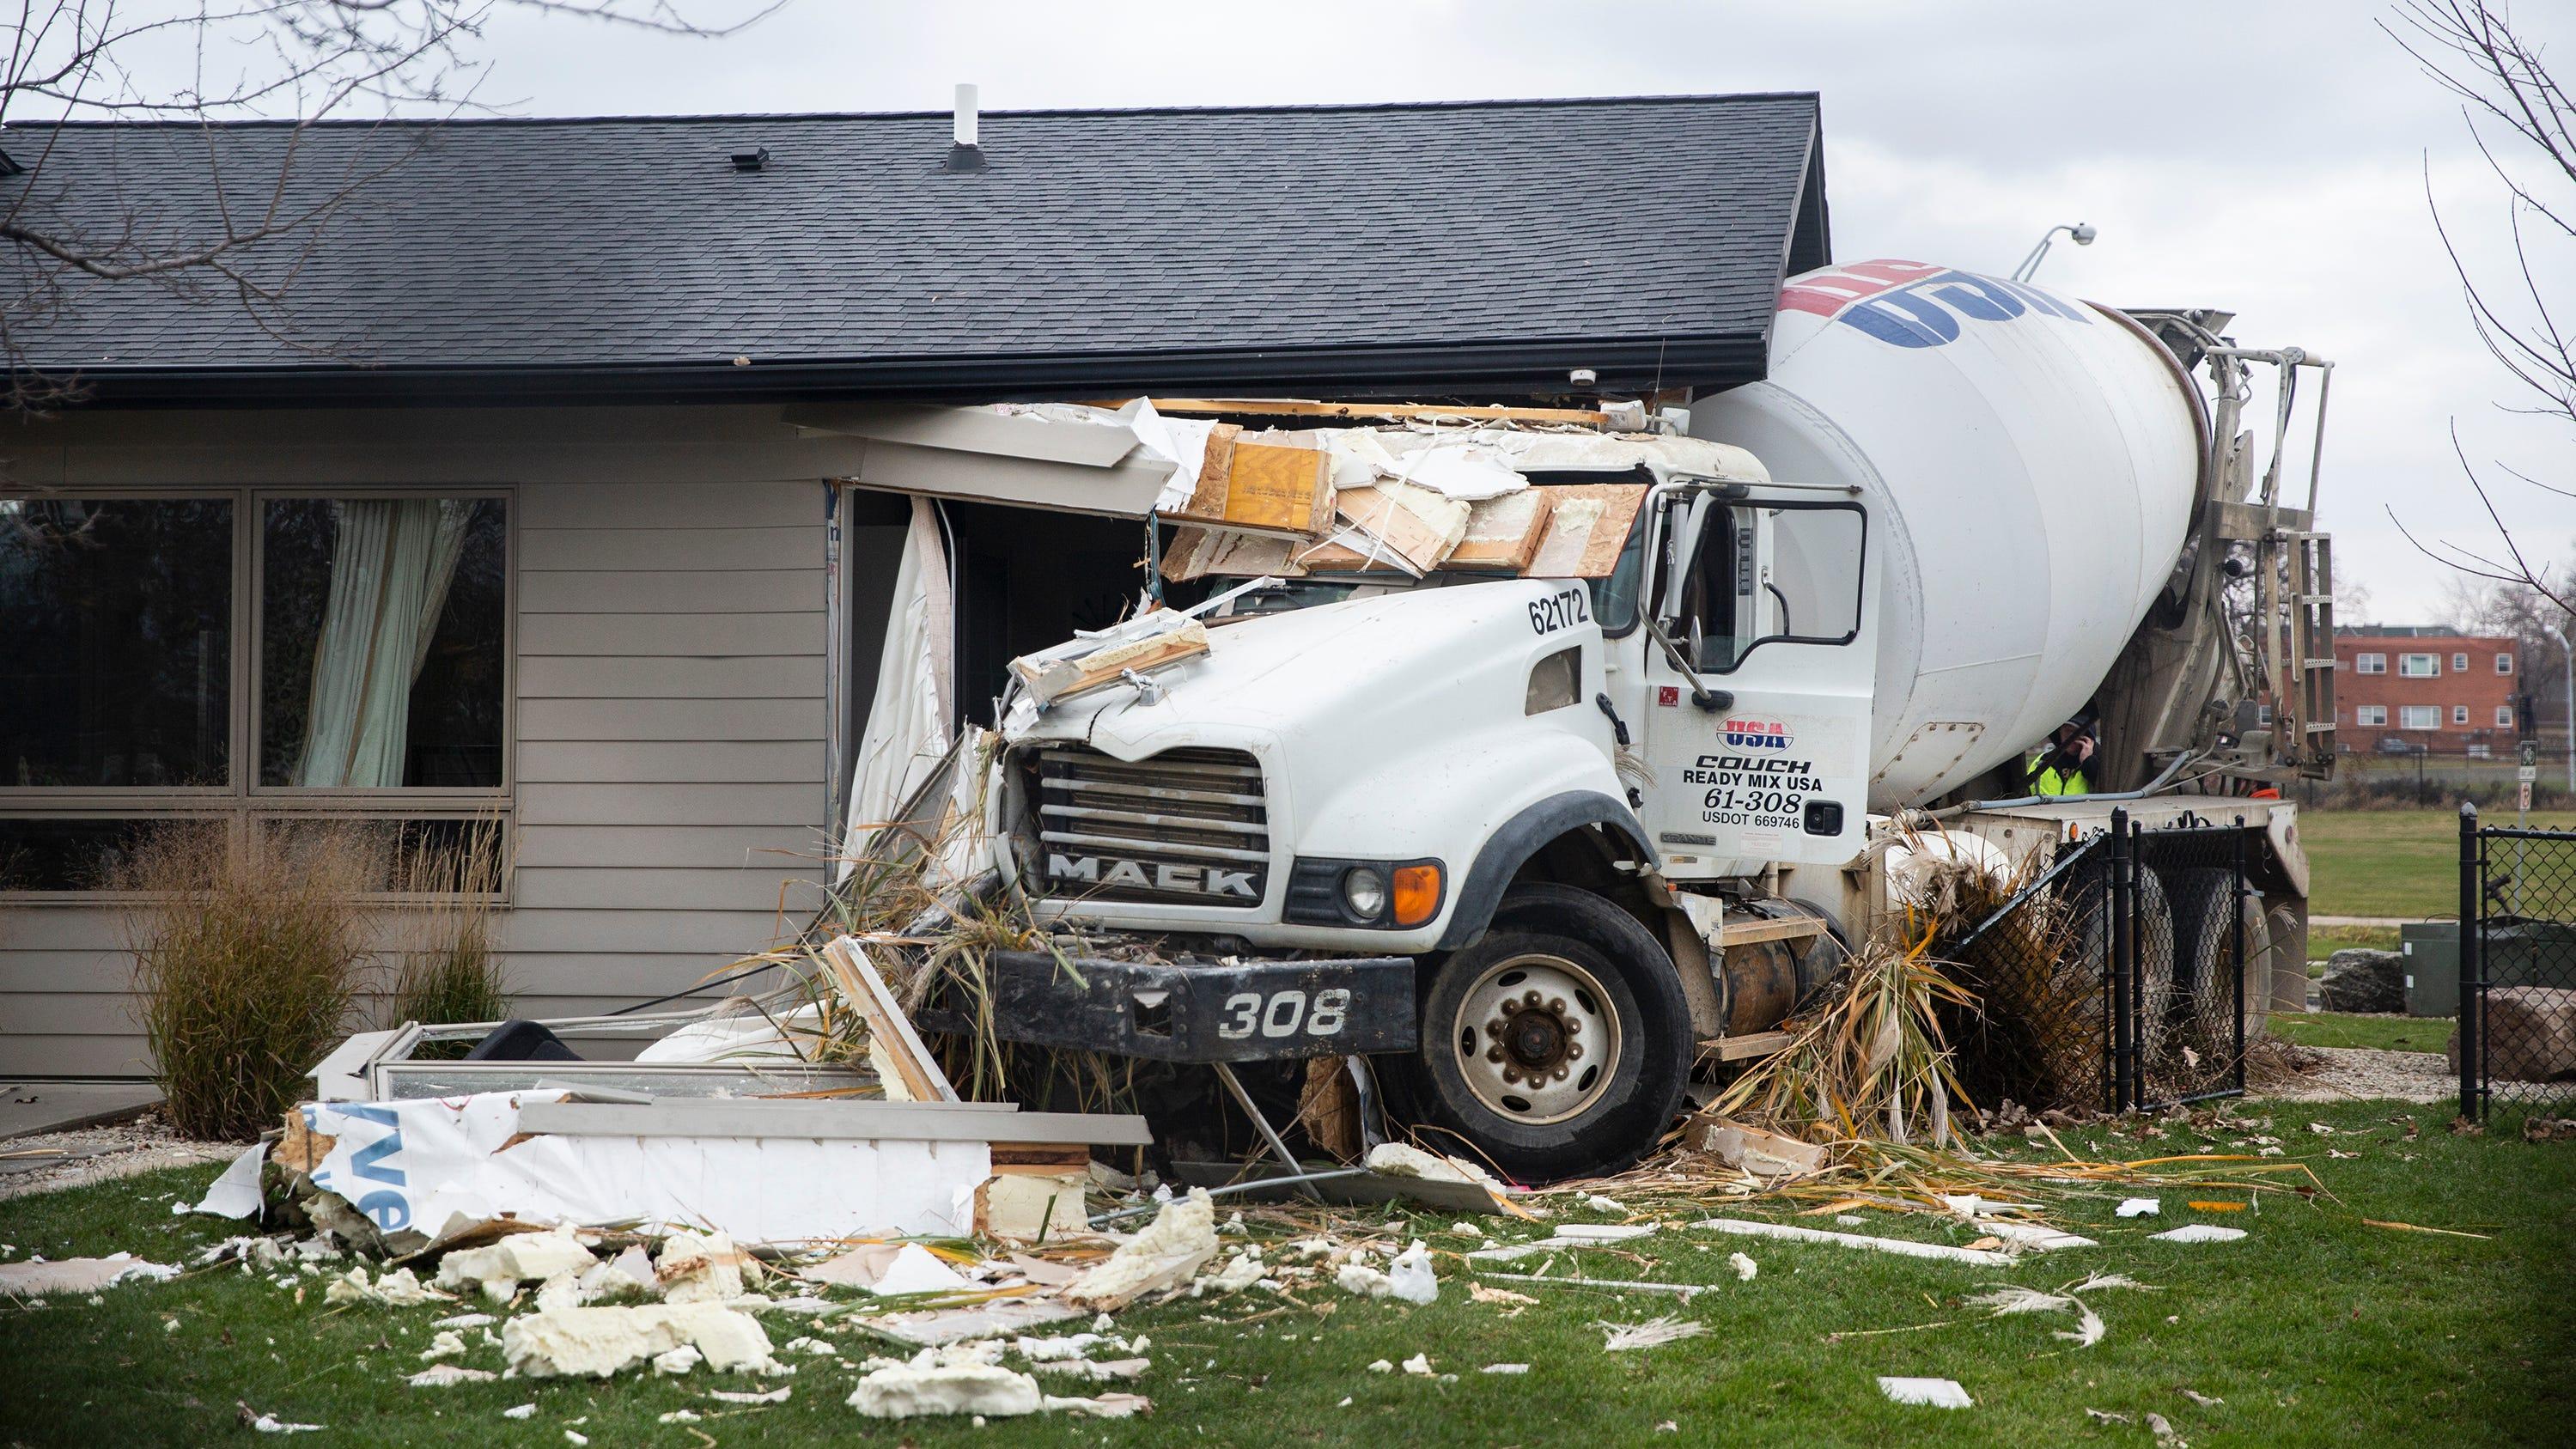 Photos: Cement truck crashes into a Des Moines home